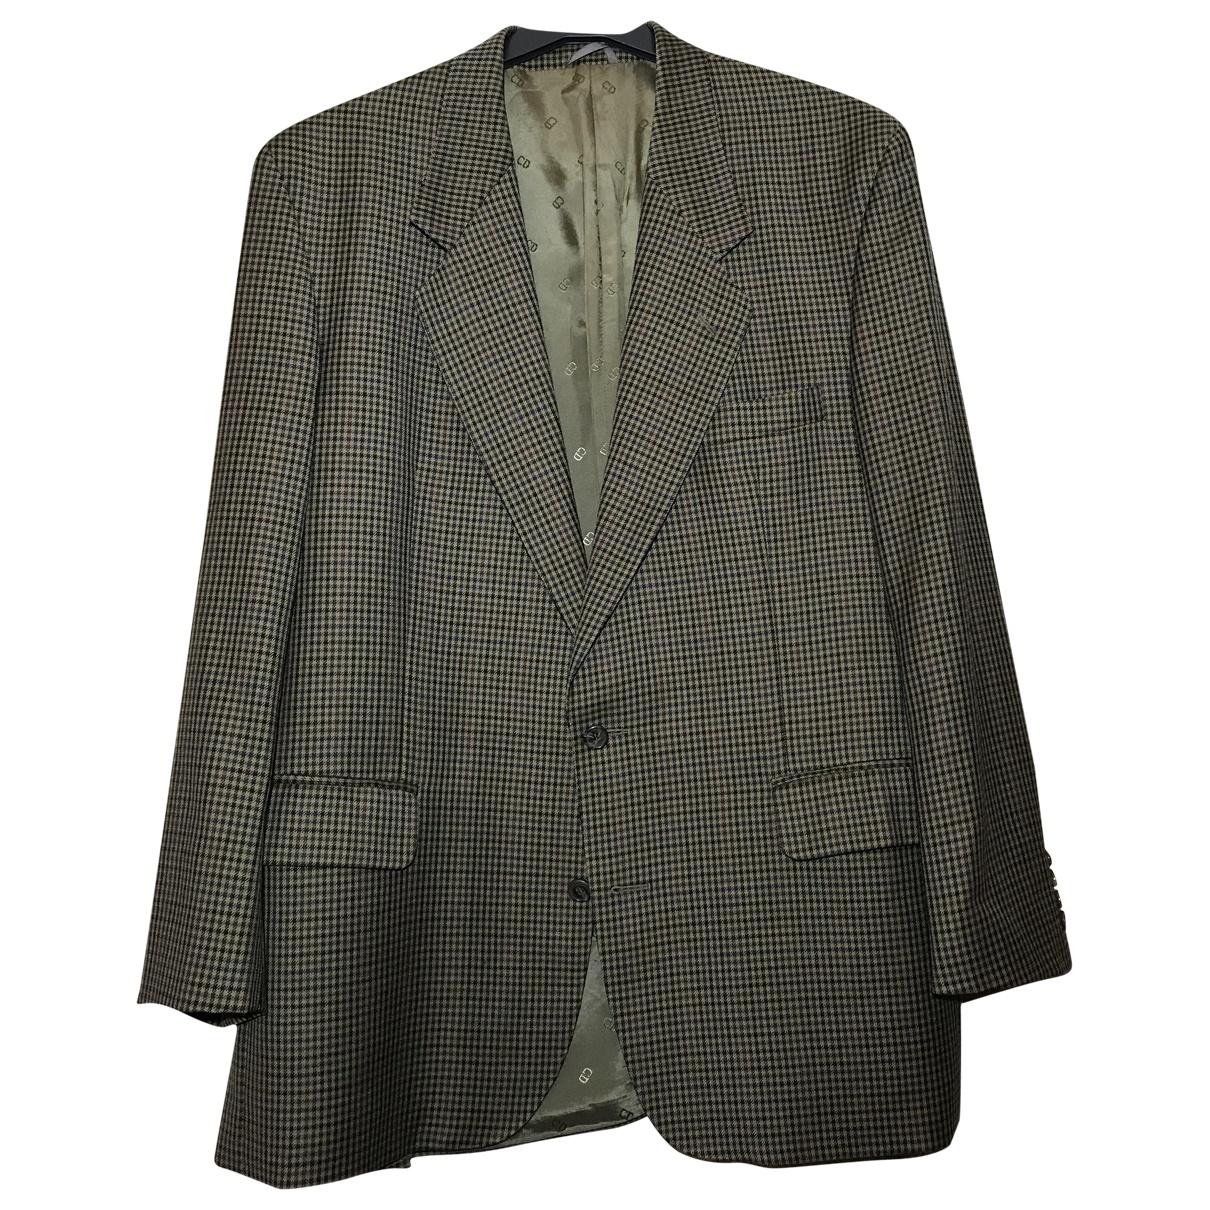 Dior - Vestes.Blousons   pour homme en laine - multicolore